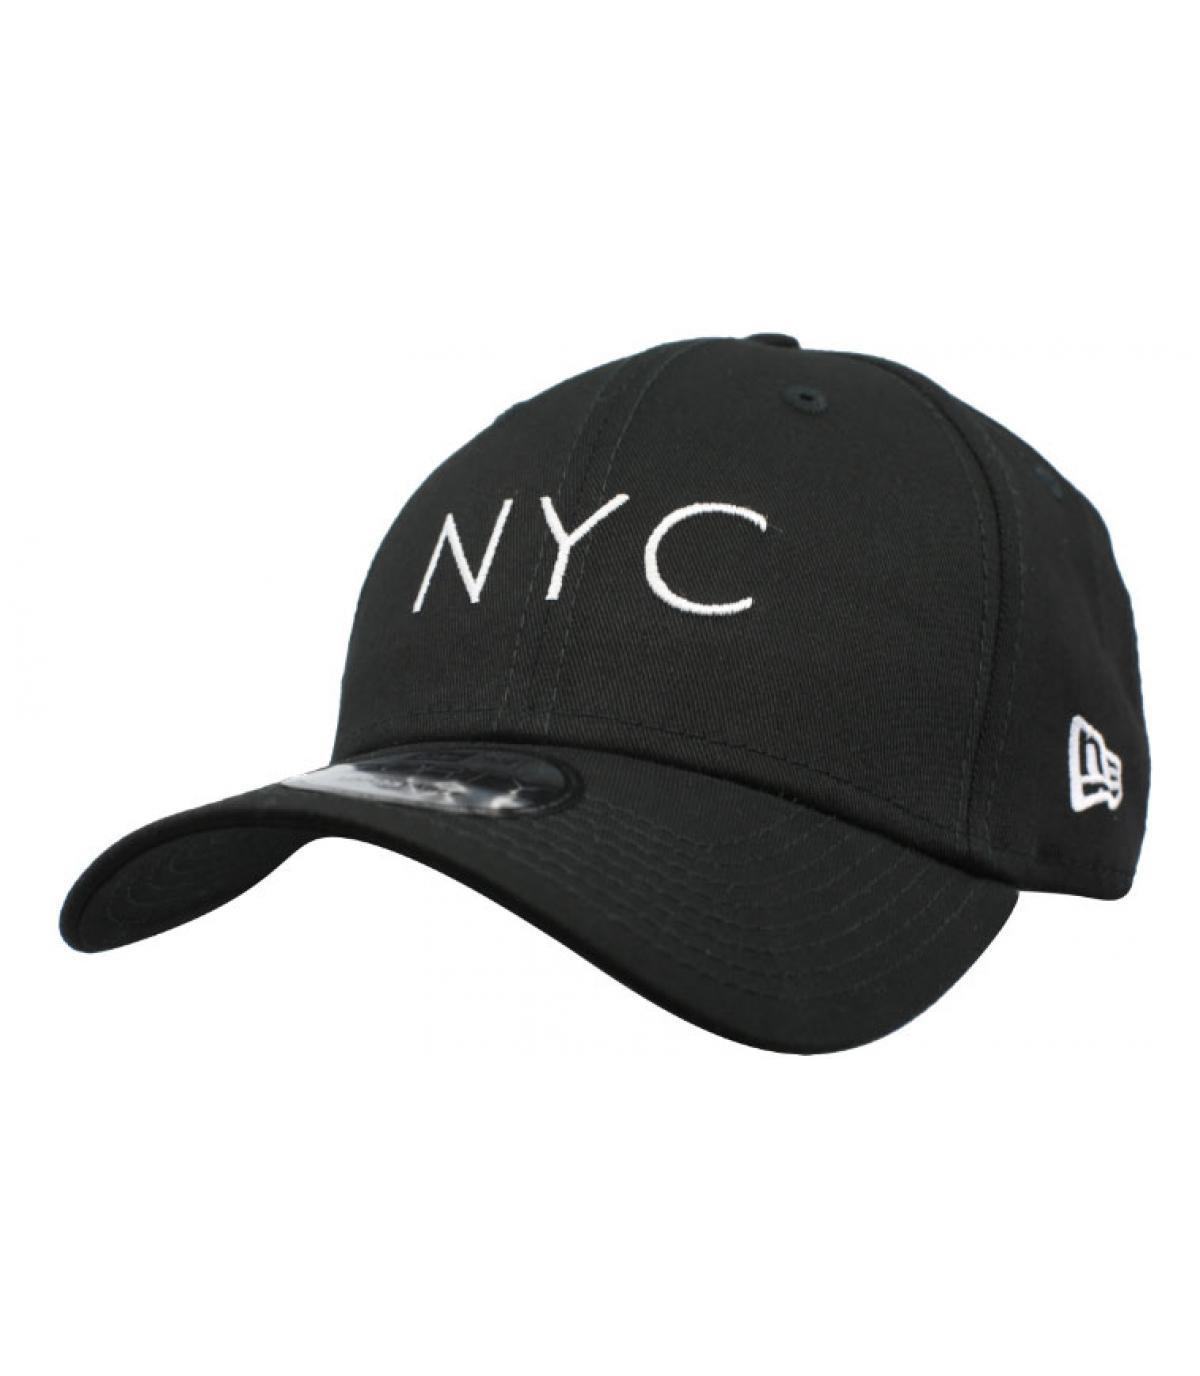 Détails Casquette NYC NE Ess 9Forty black - image 2